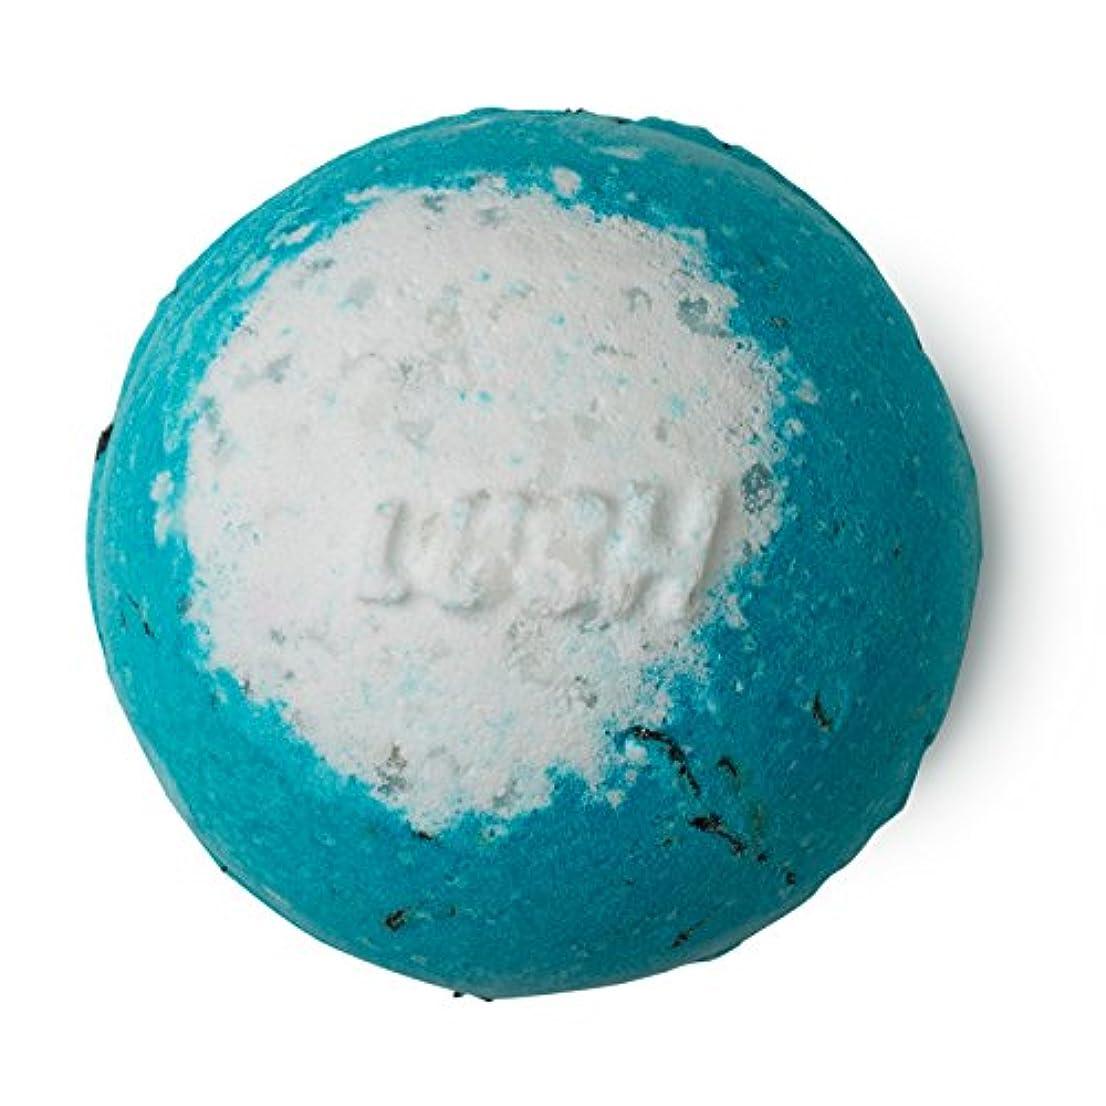 うつ提供するアルバムLUSH ラッシュ RUSHラッシュ 200g バスボム 浴用 シーソルト 入浴剤 ラベンダーオイル 入浴剤 ギフト